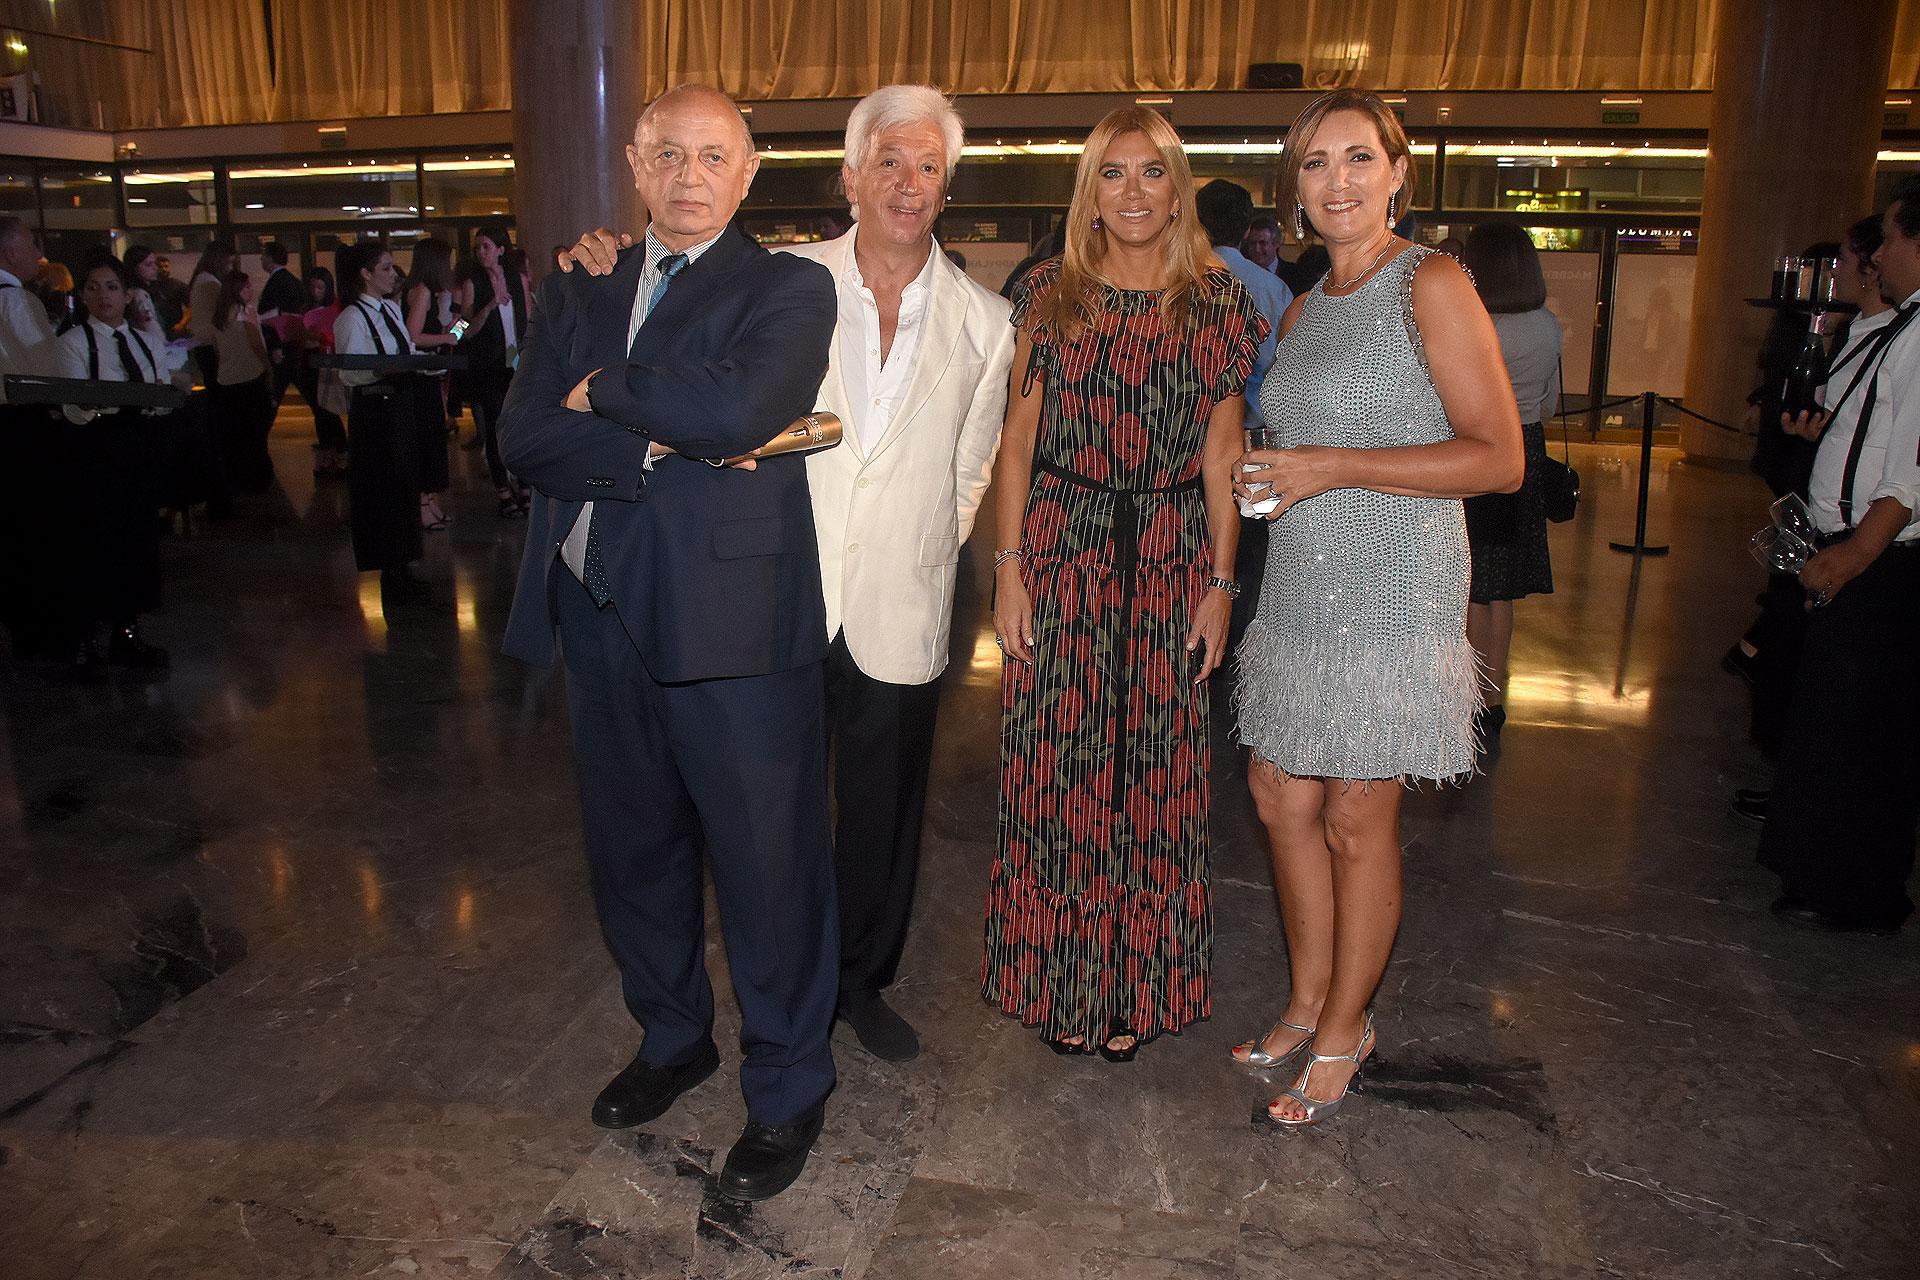 Mauricio Wainrot, Ignacio Miguens, Bettina Bulgheroni y Dora Sánchez